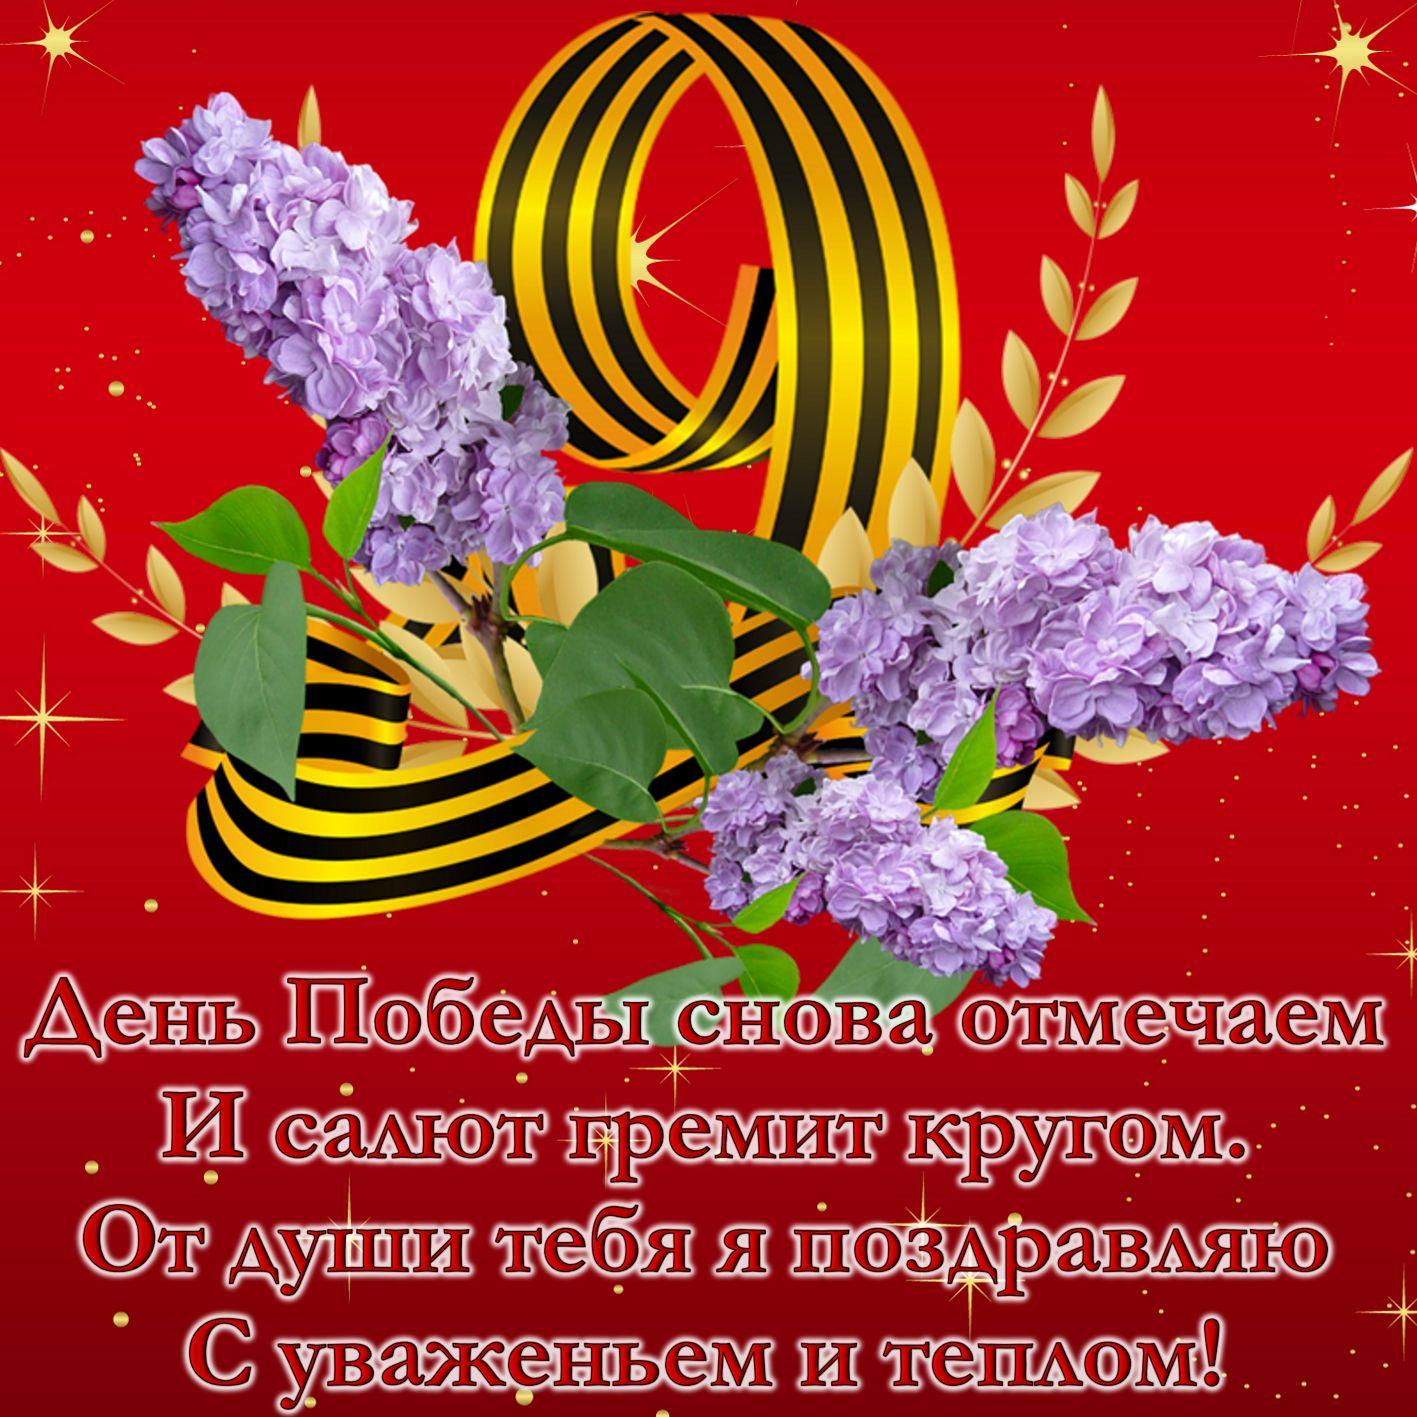 Поздравления с днем победы красивые стихи